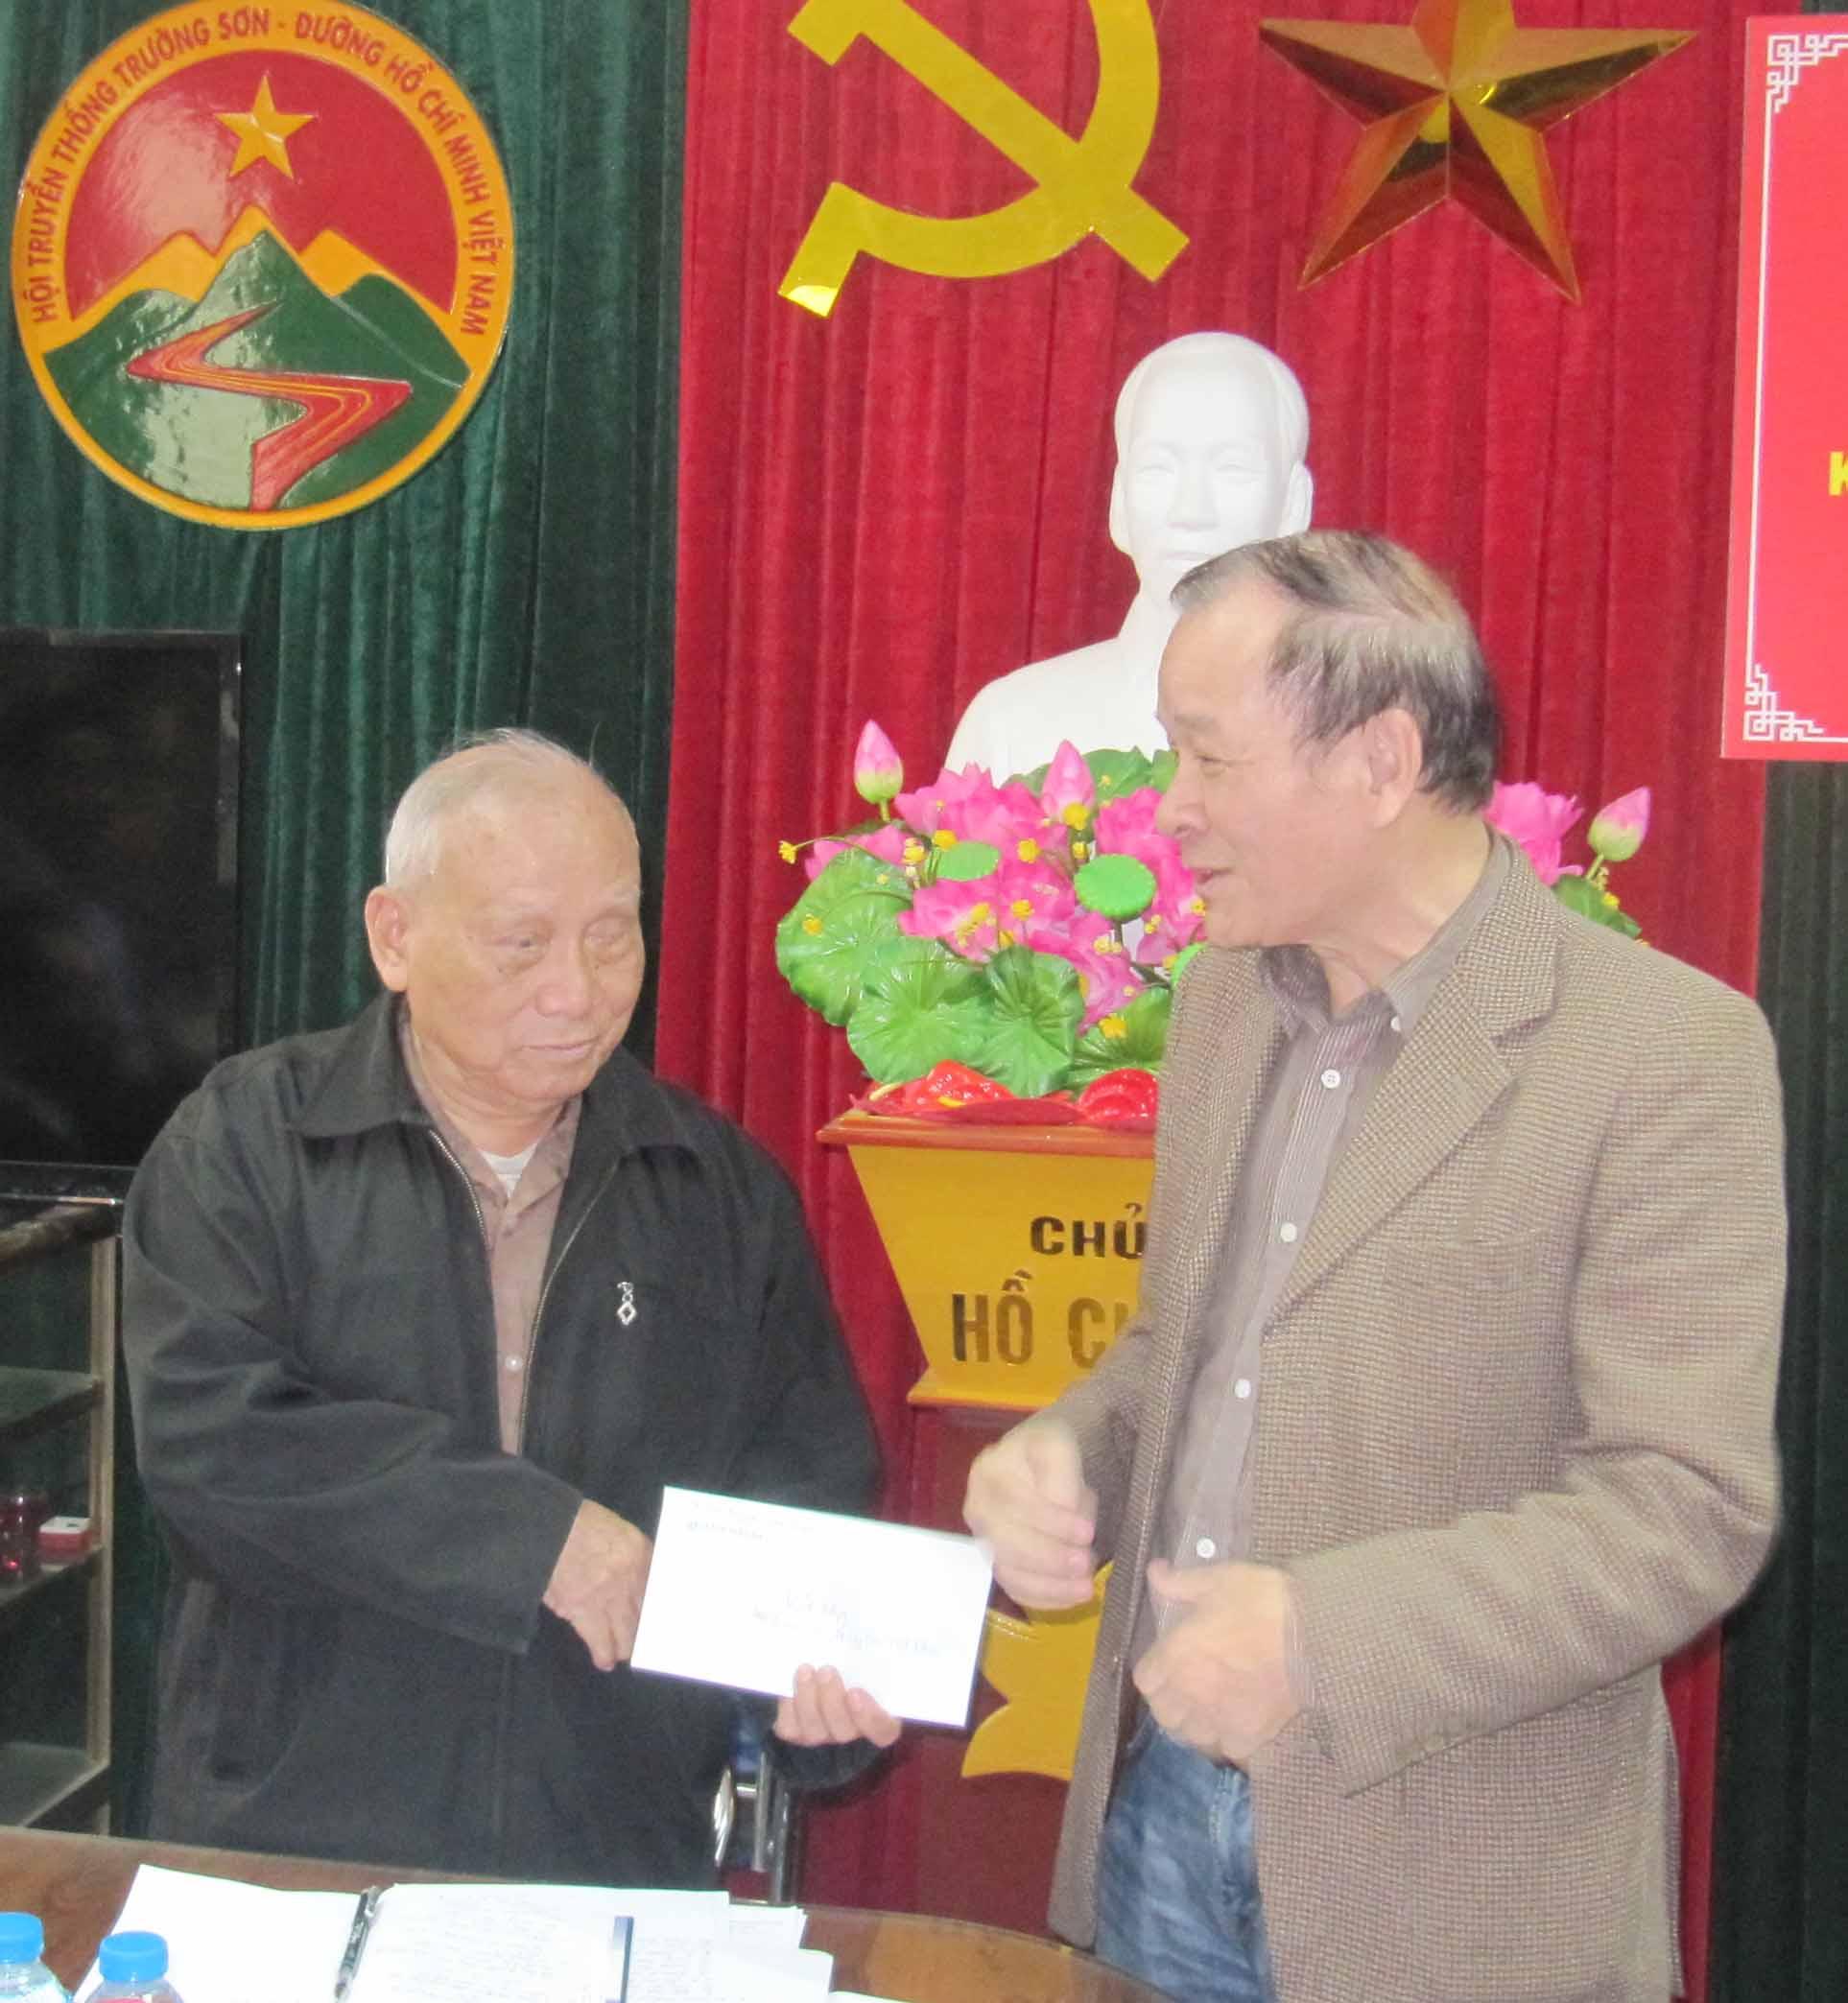 Cố vấn truyền thông đối ngoại Nguyễn Văn Vinh ủng hộ Hội.